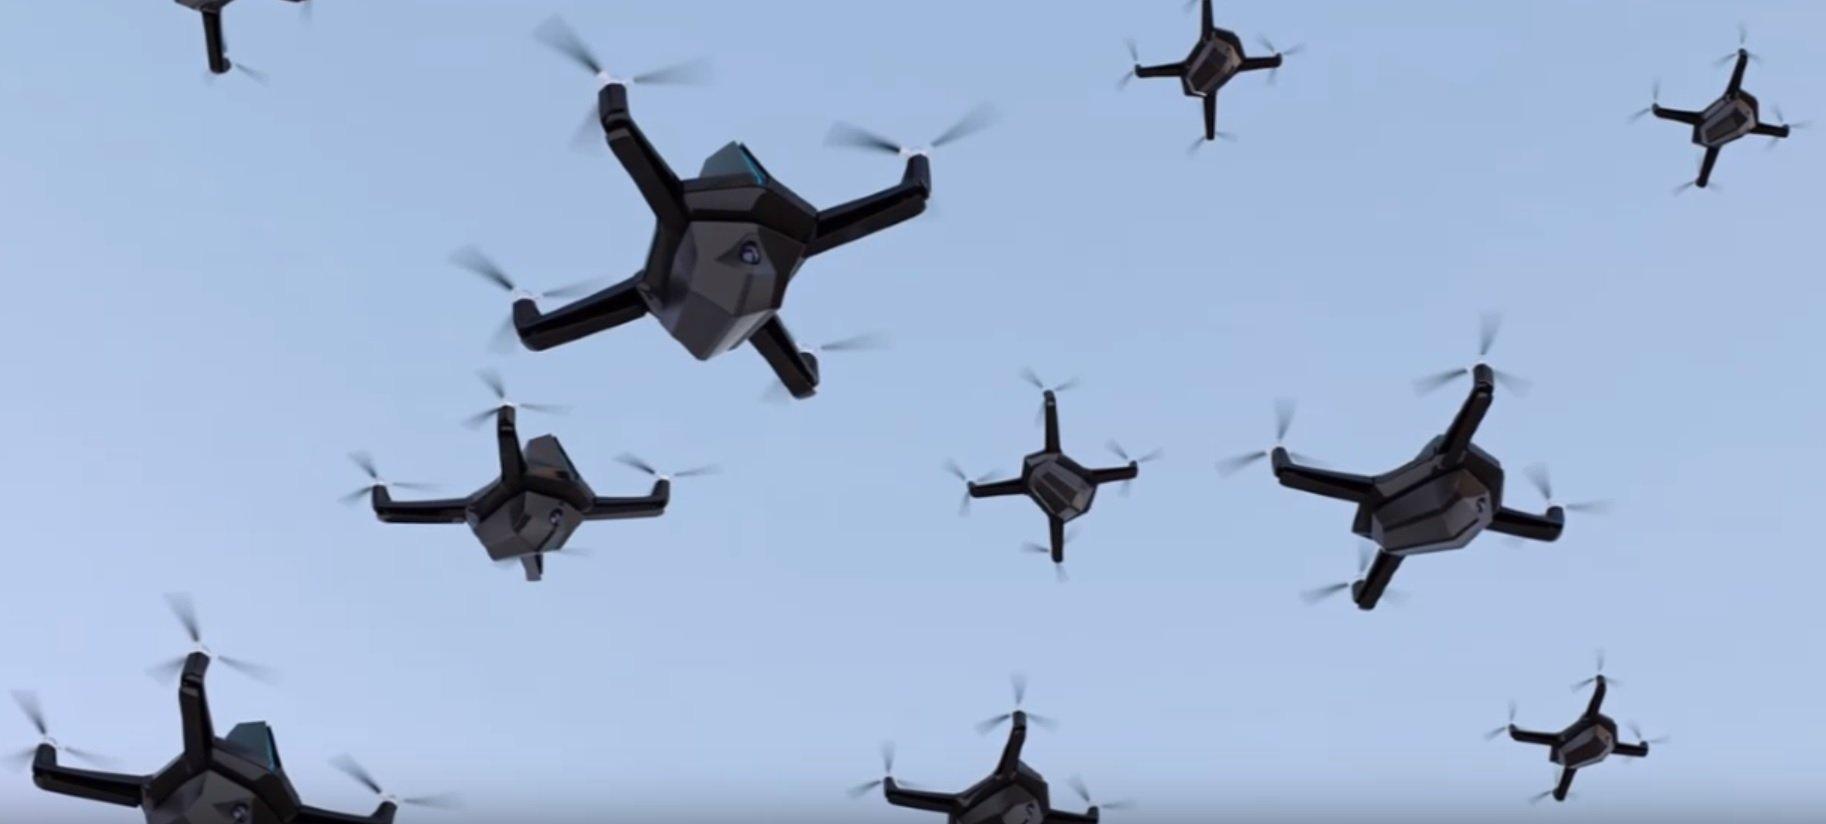 zwermen drones